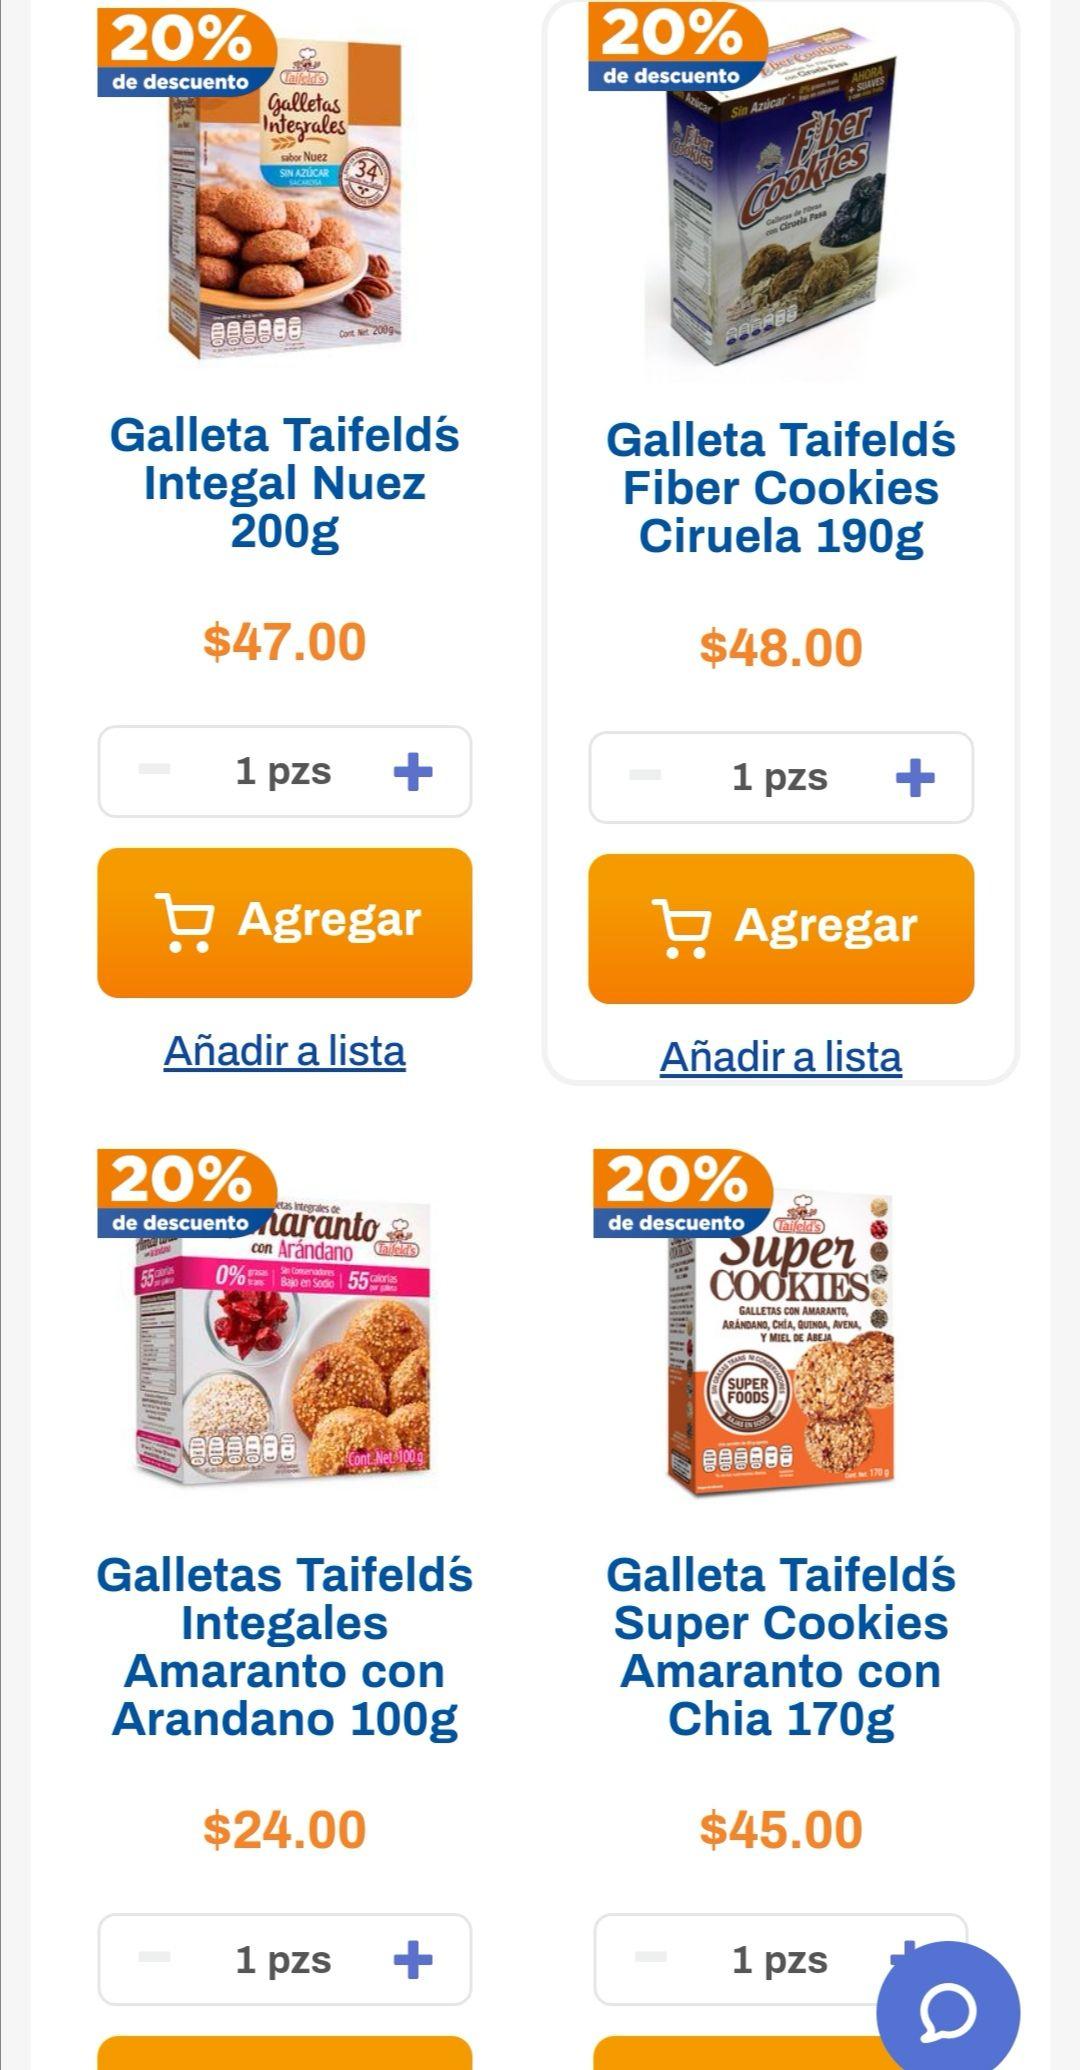 Chedraui: 20% de descuento en galletas Taifeld's